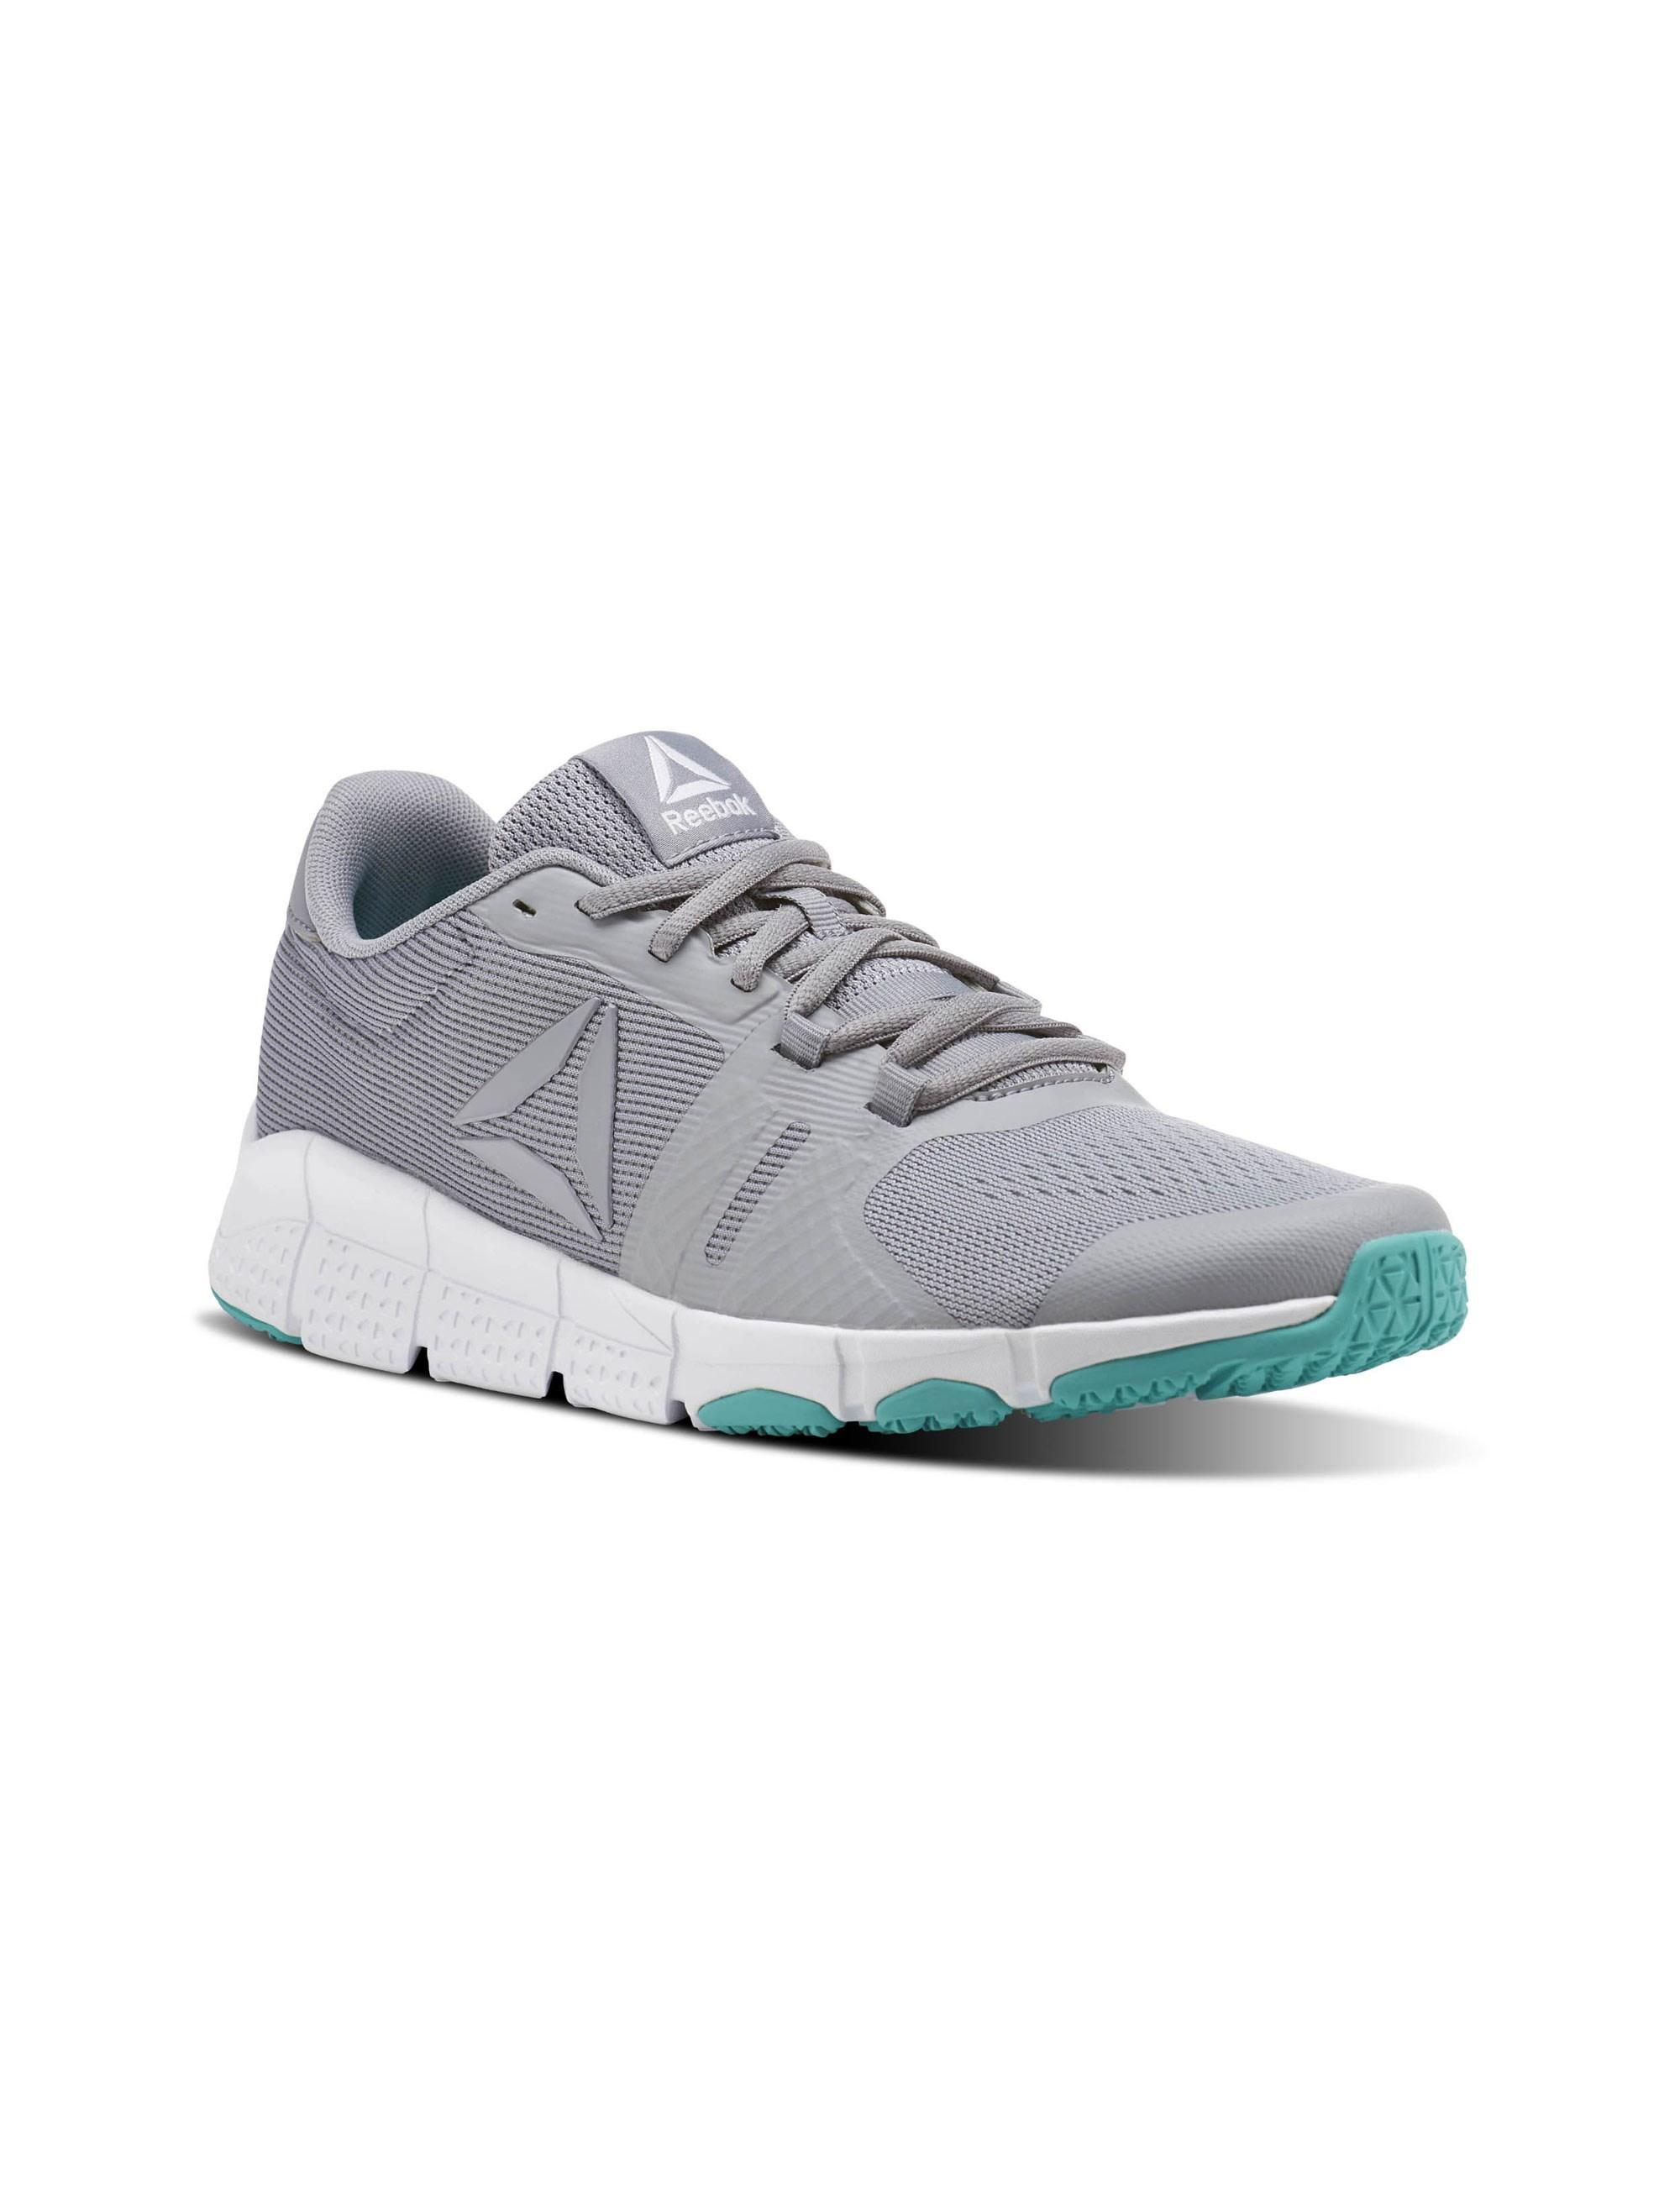 کفش دویدن بندی زنانه Trainflex 2-0 - ریباک - طوسي - 5